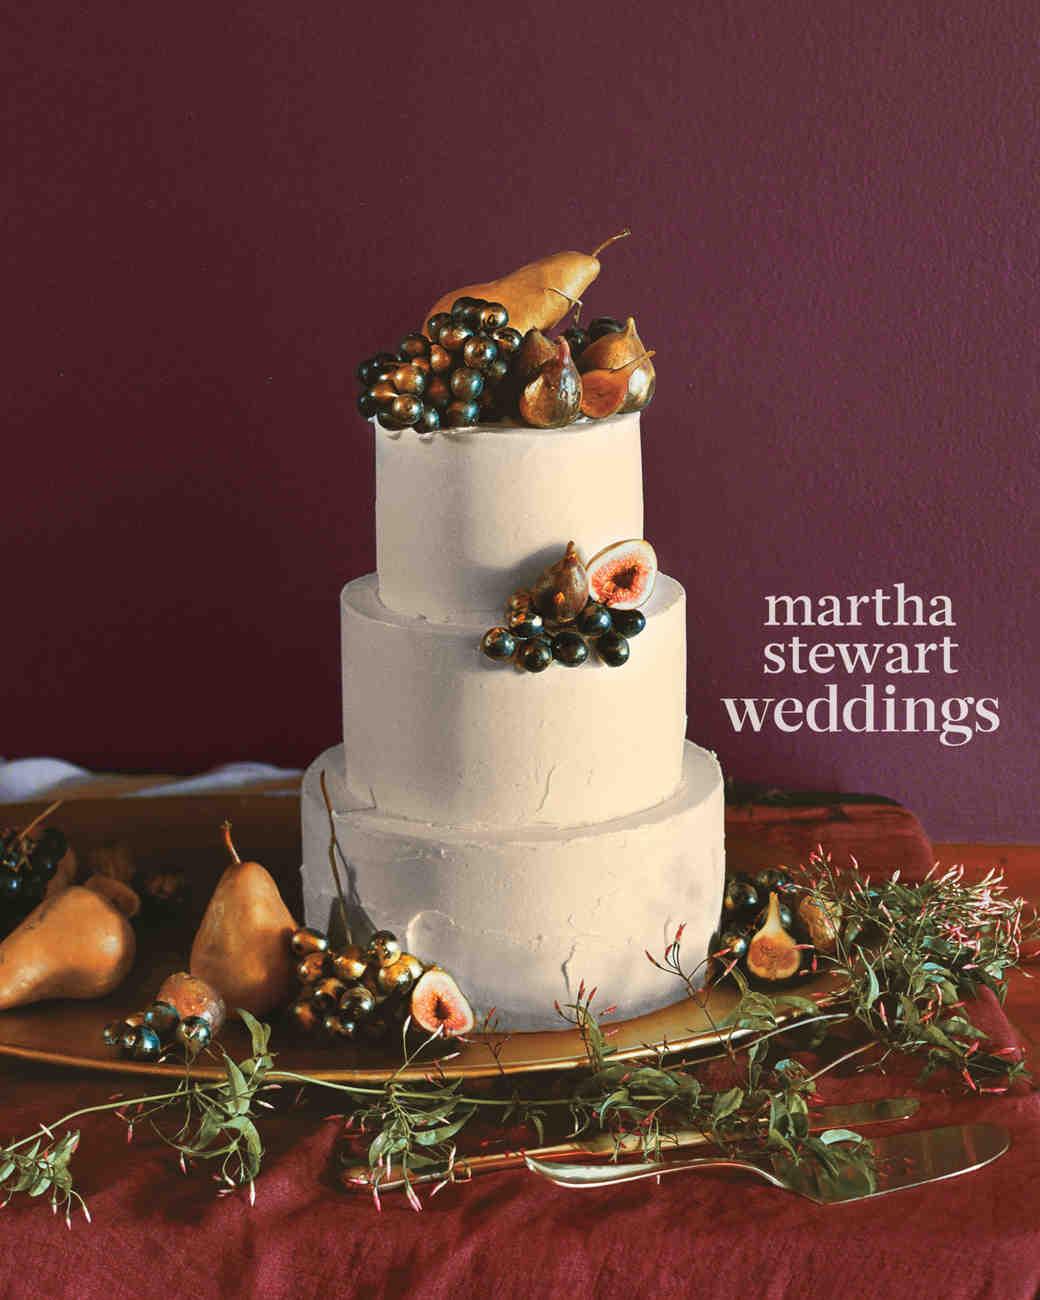 sophia-joel-wedding-los-angeles-065-d112240-r1-watermark-0815.jpg